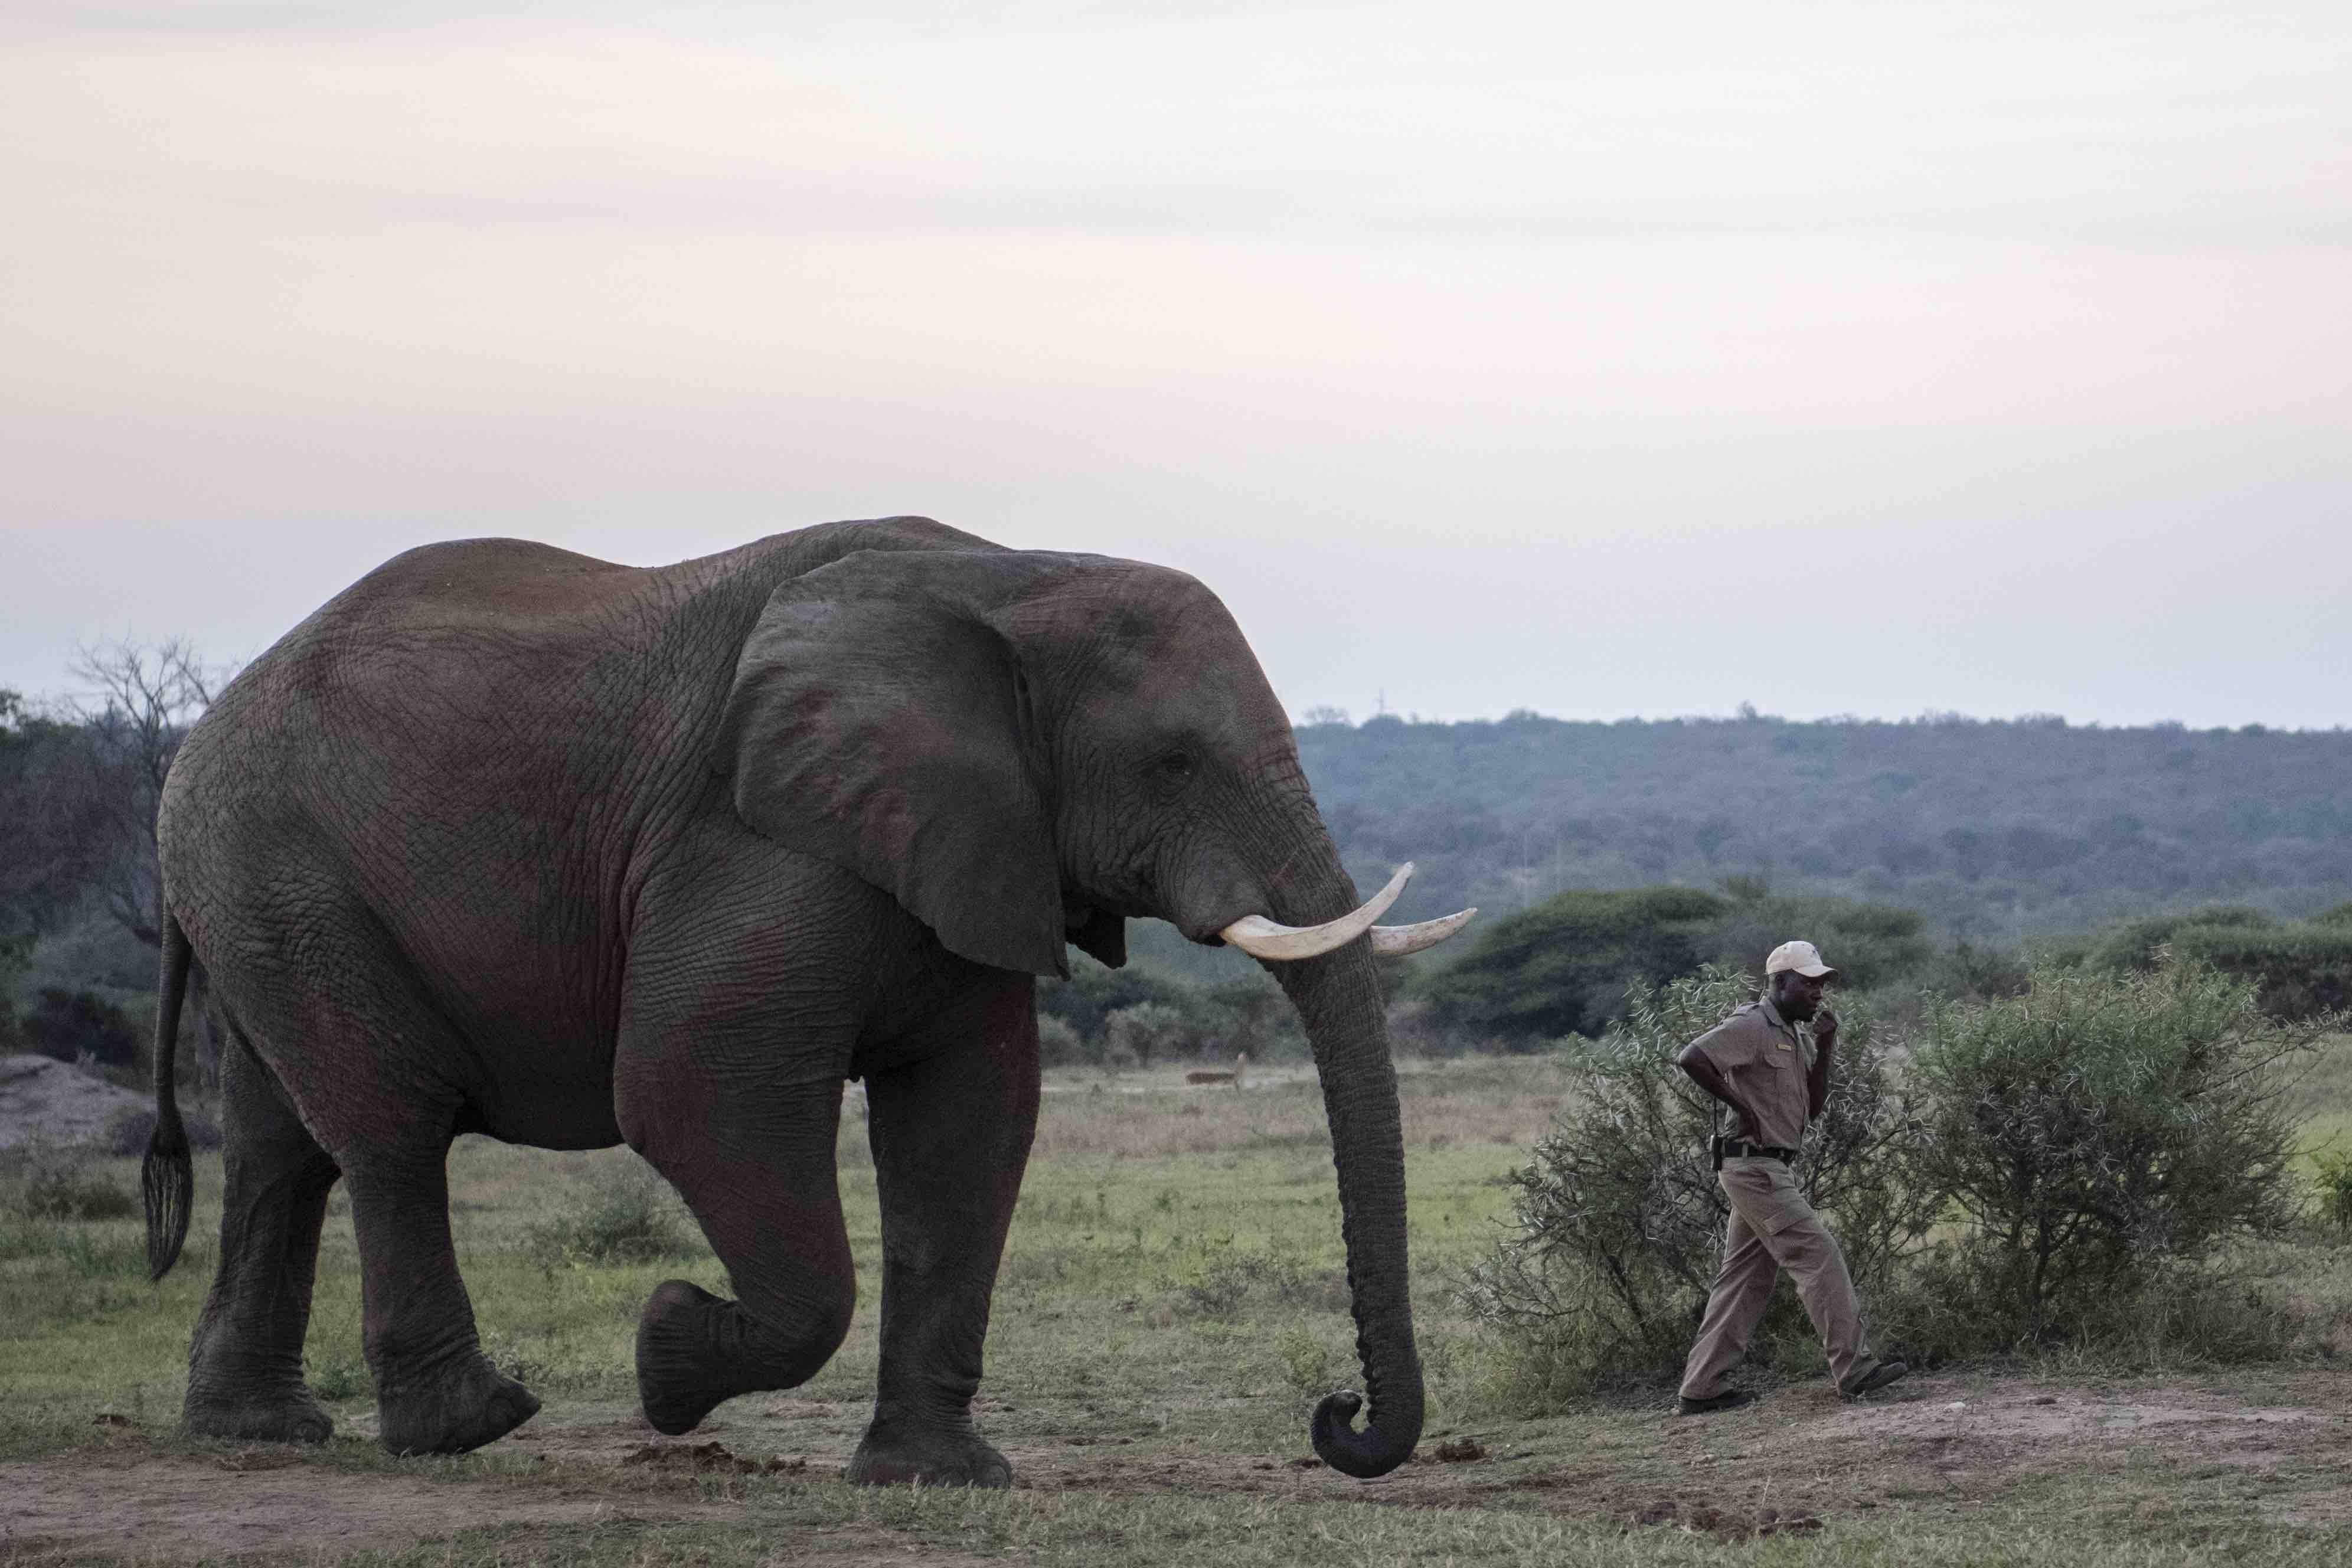 Sebakwe_Owen-elephant_carer_campjabulani